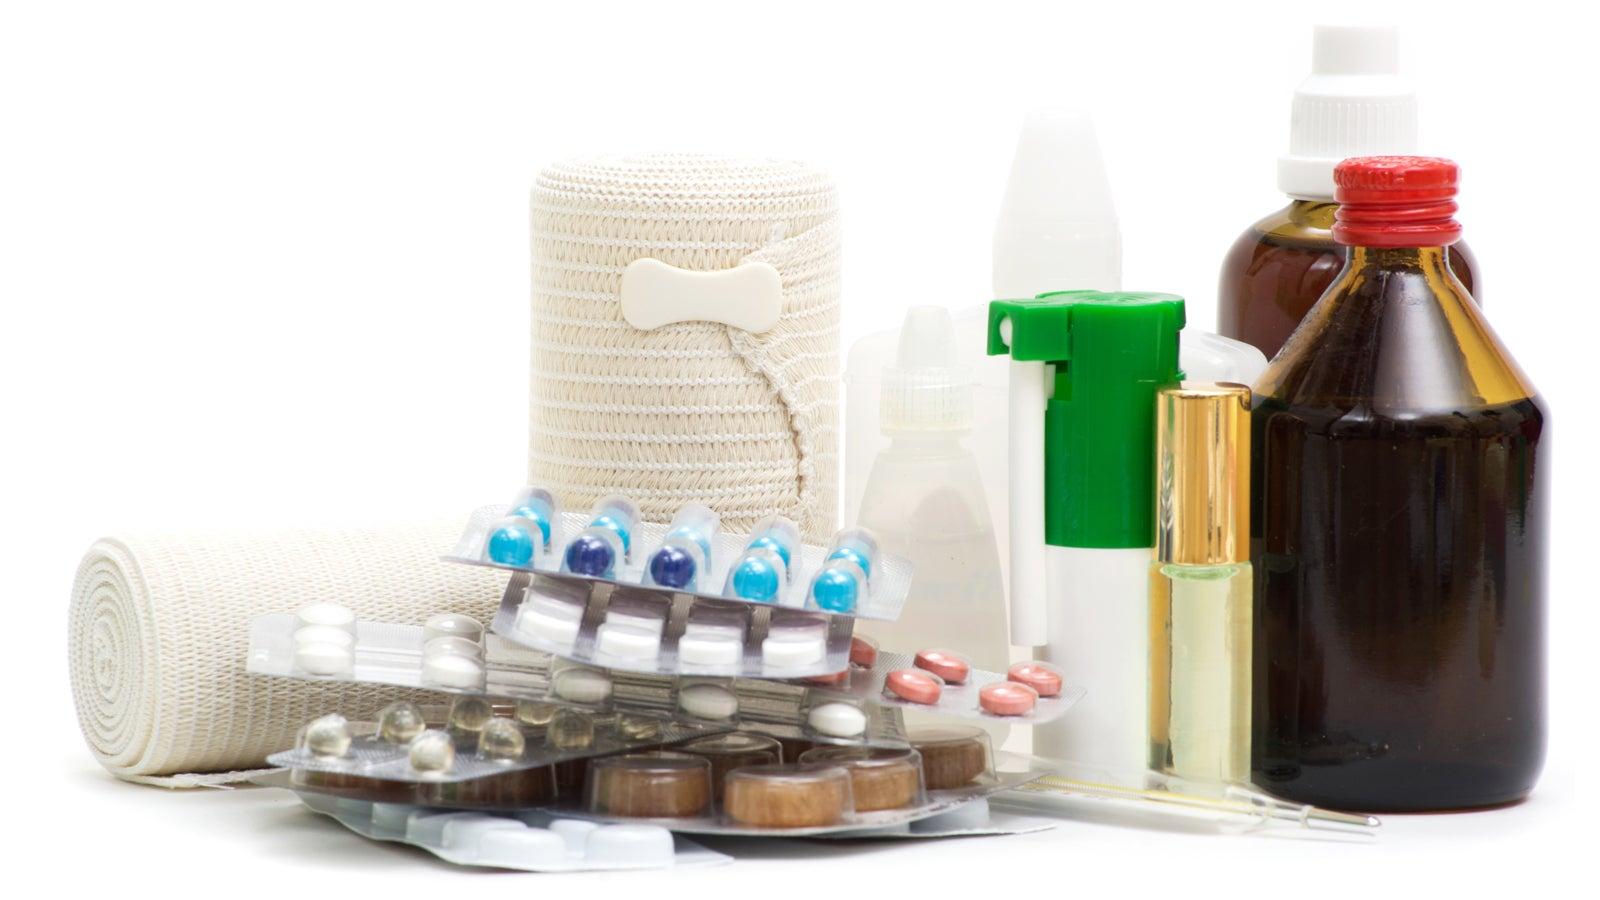 Reiseapotheke: Diese Medikamente sollten Sie auf jeden Fall einpacken